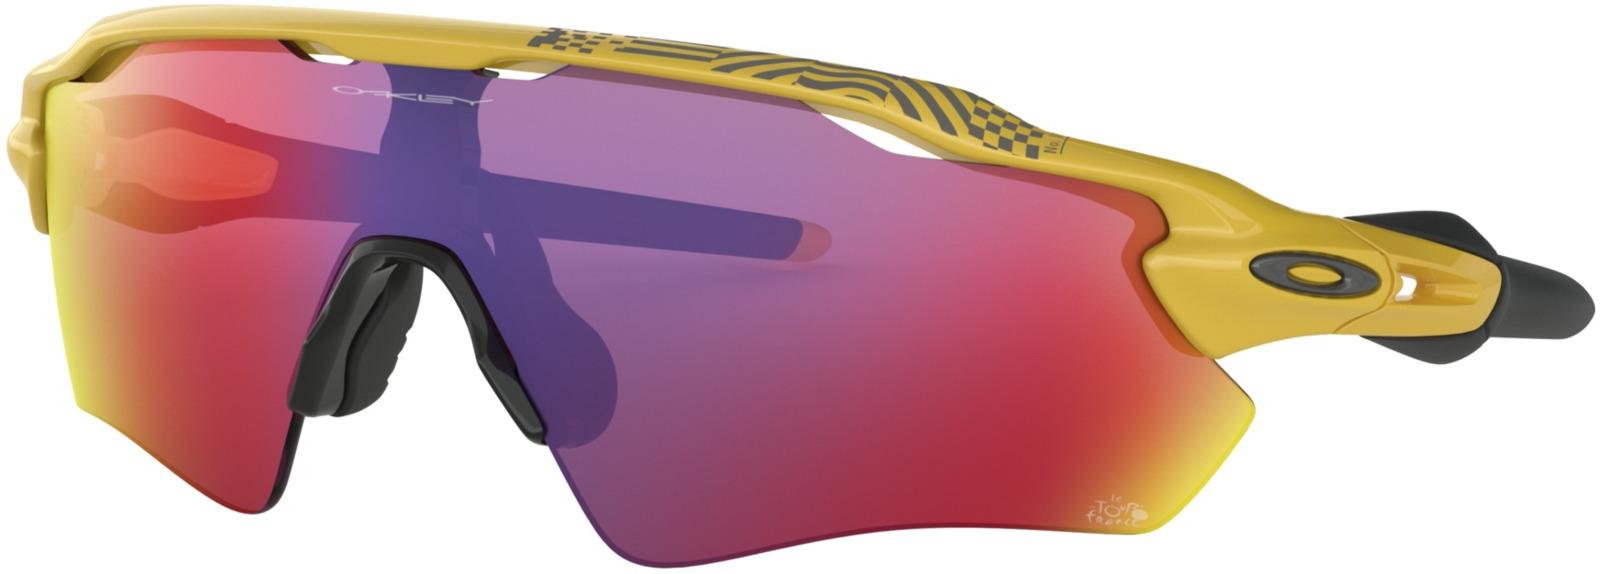 цена на Велосипедные очки Oakley Radar Ev Path, цвет: желтый